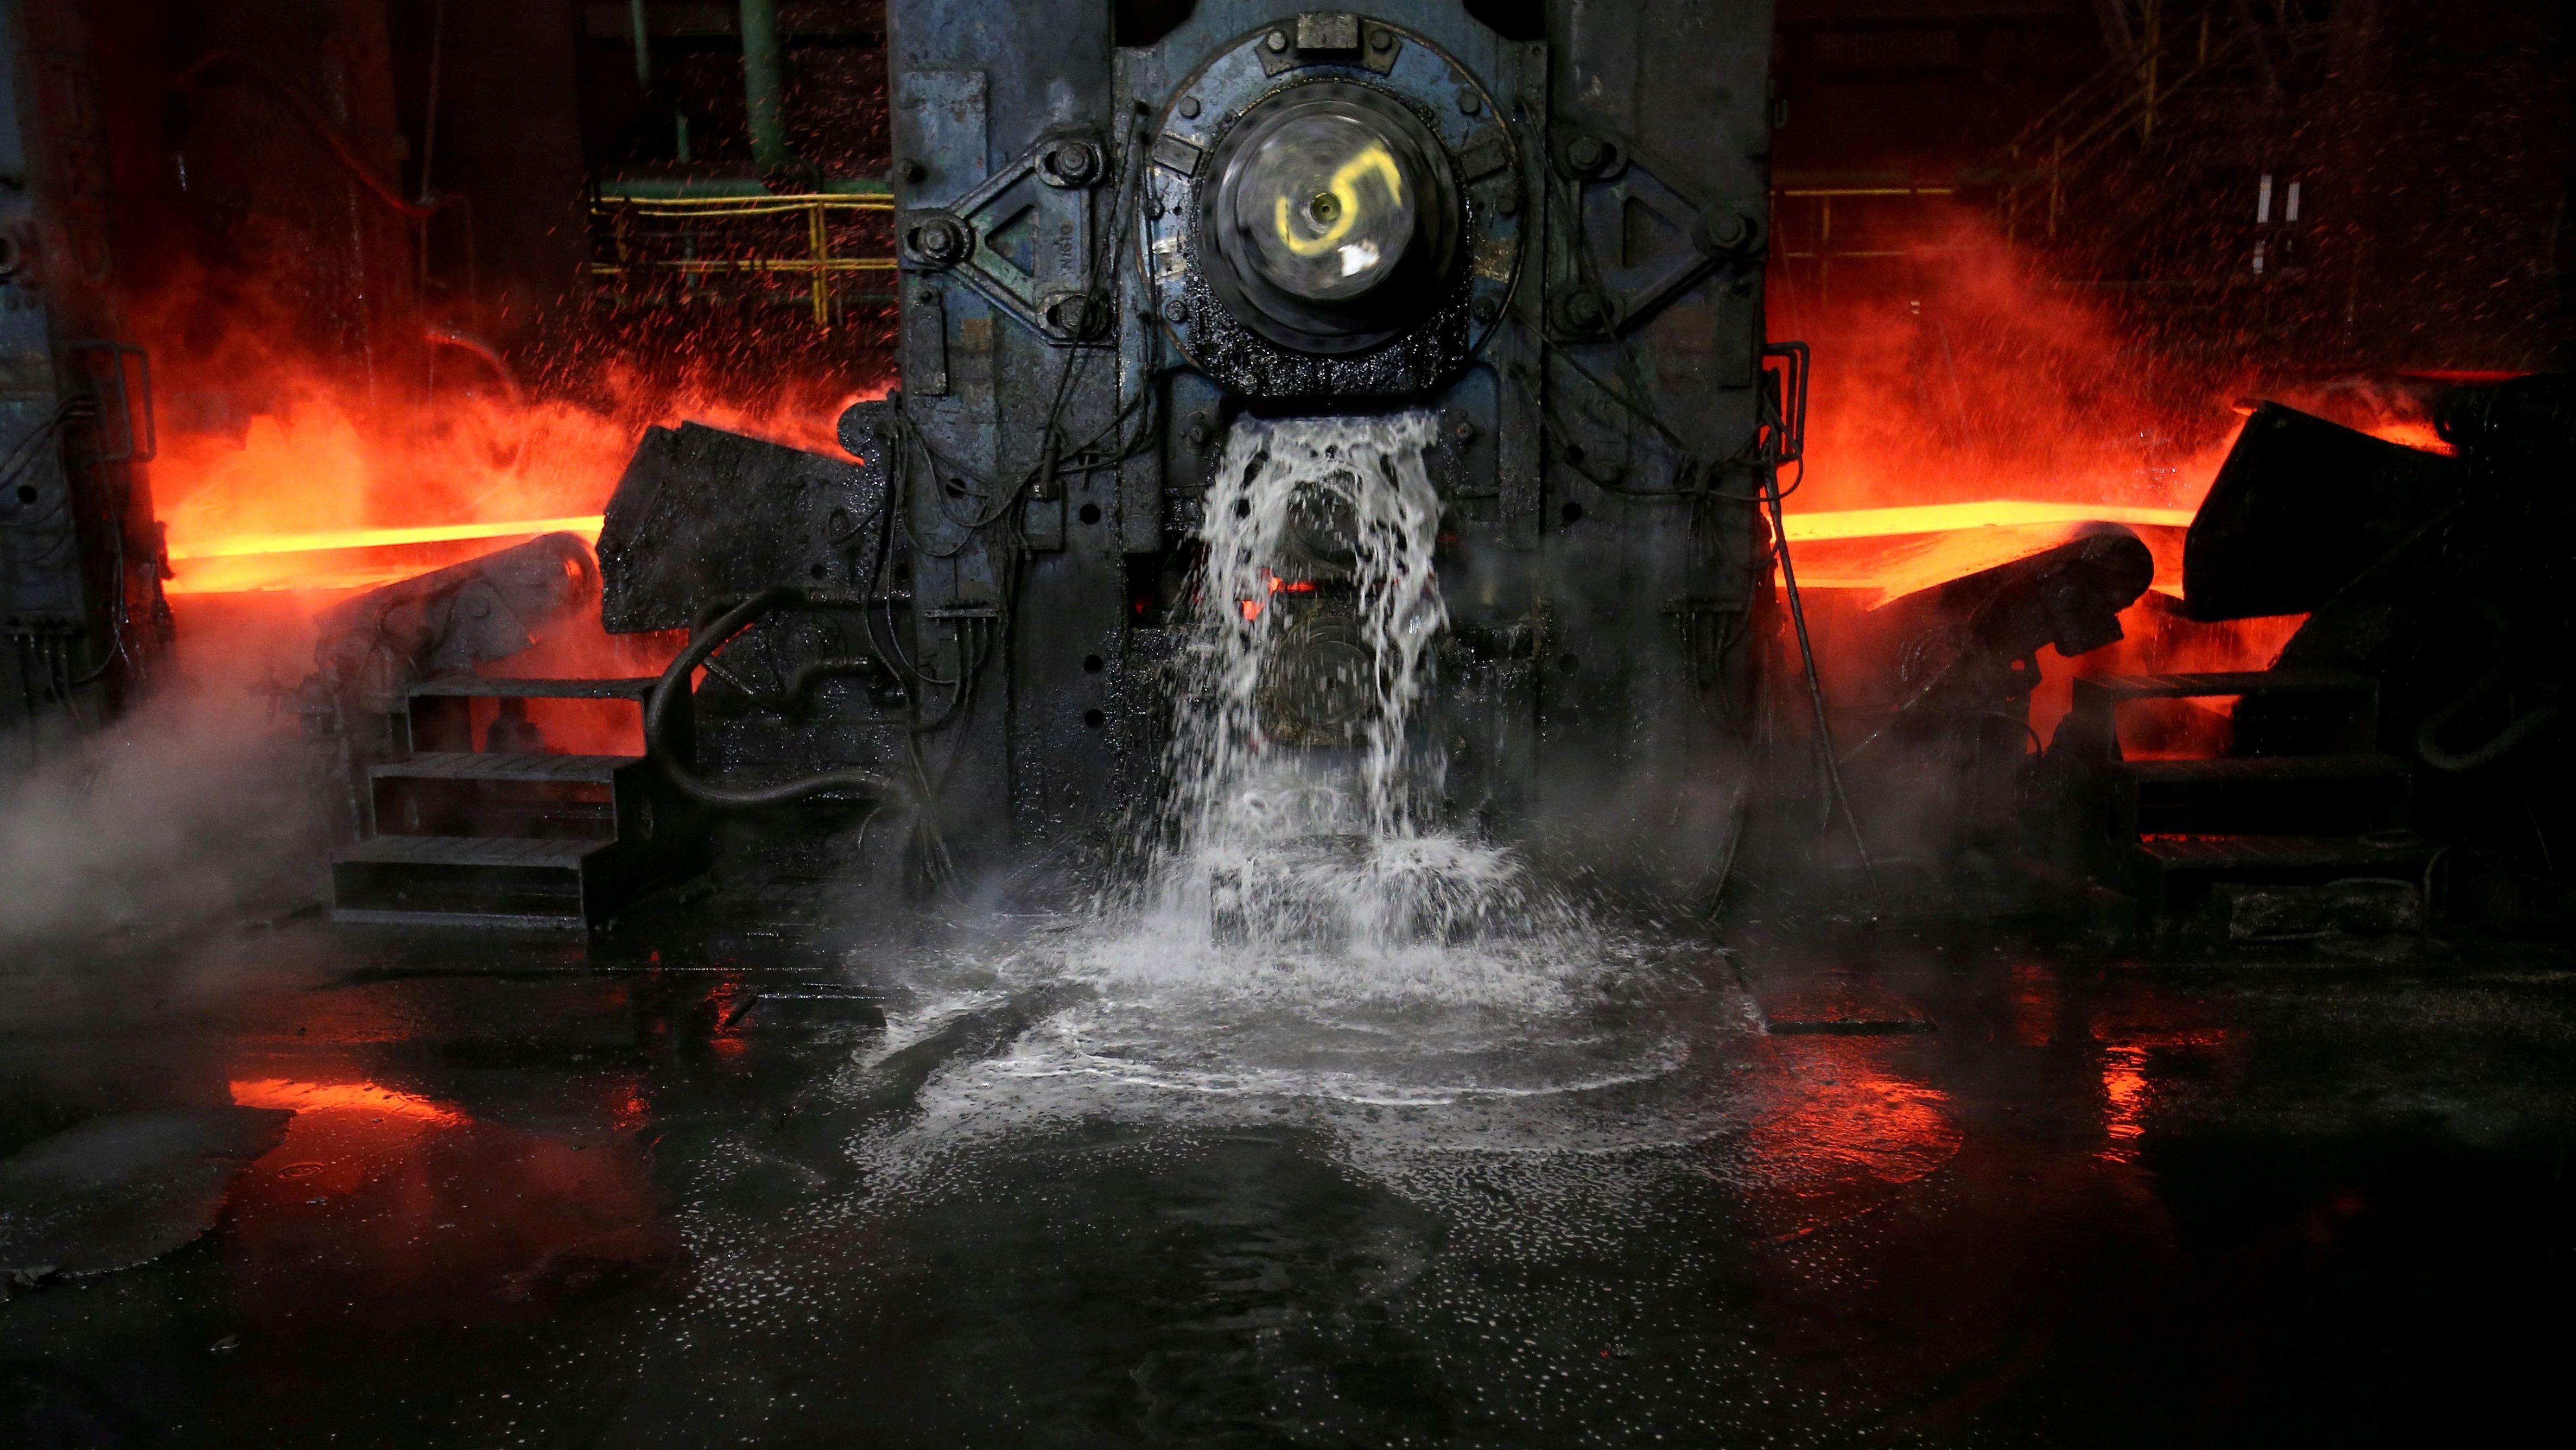 Pennsylvania steel mill